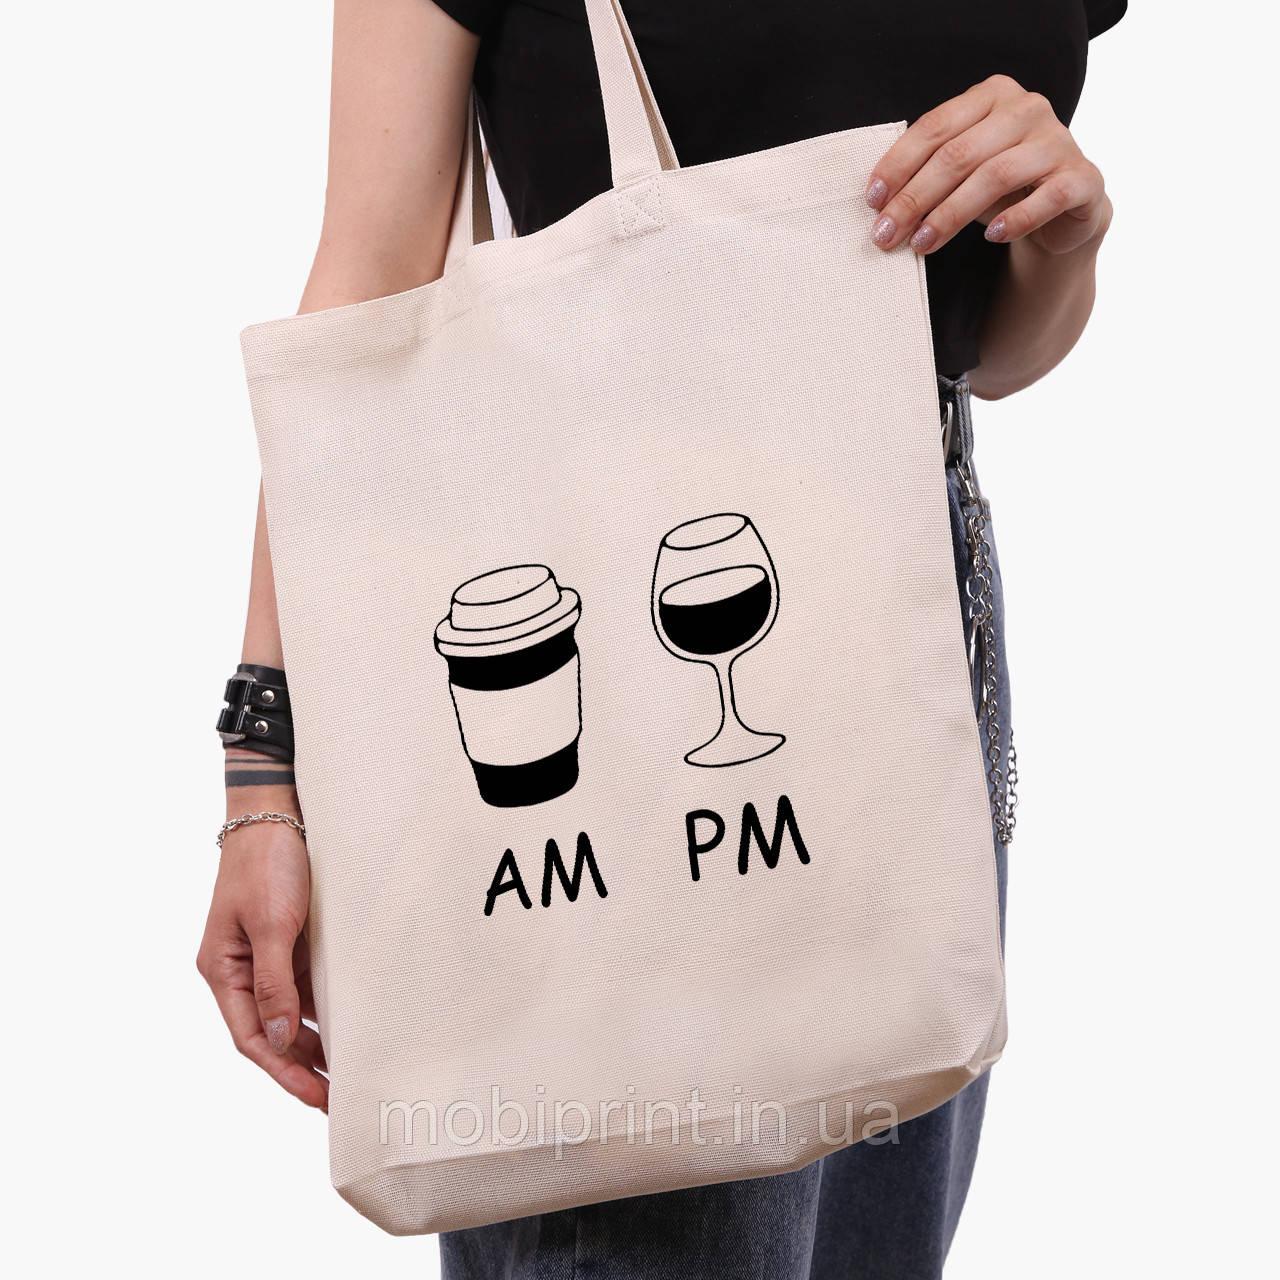 Еко сумка шоппер біла Кава вранці, вино вночі AM/PM (coffee in the morning wine at night) (9227-1640-1)